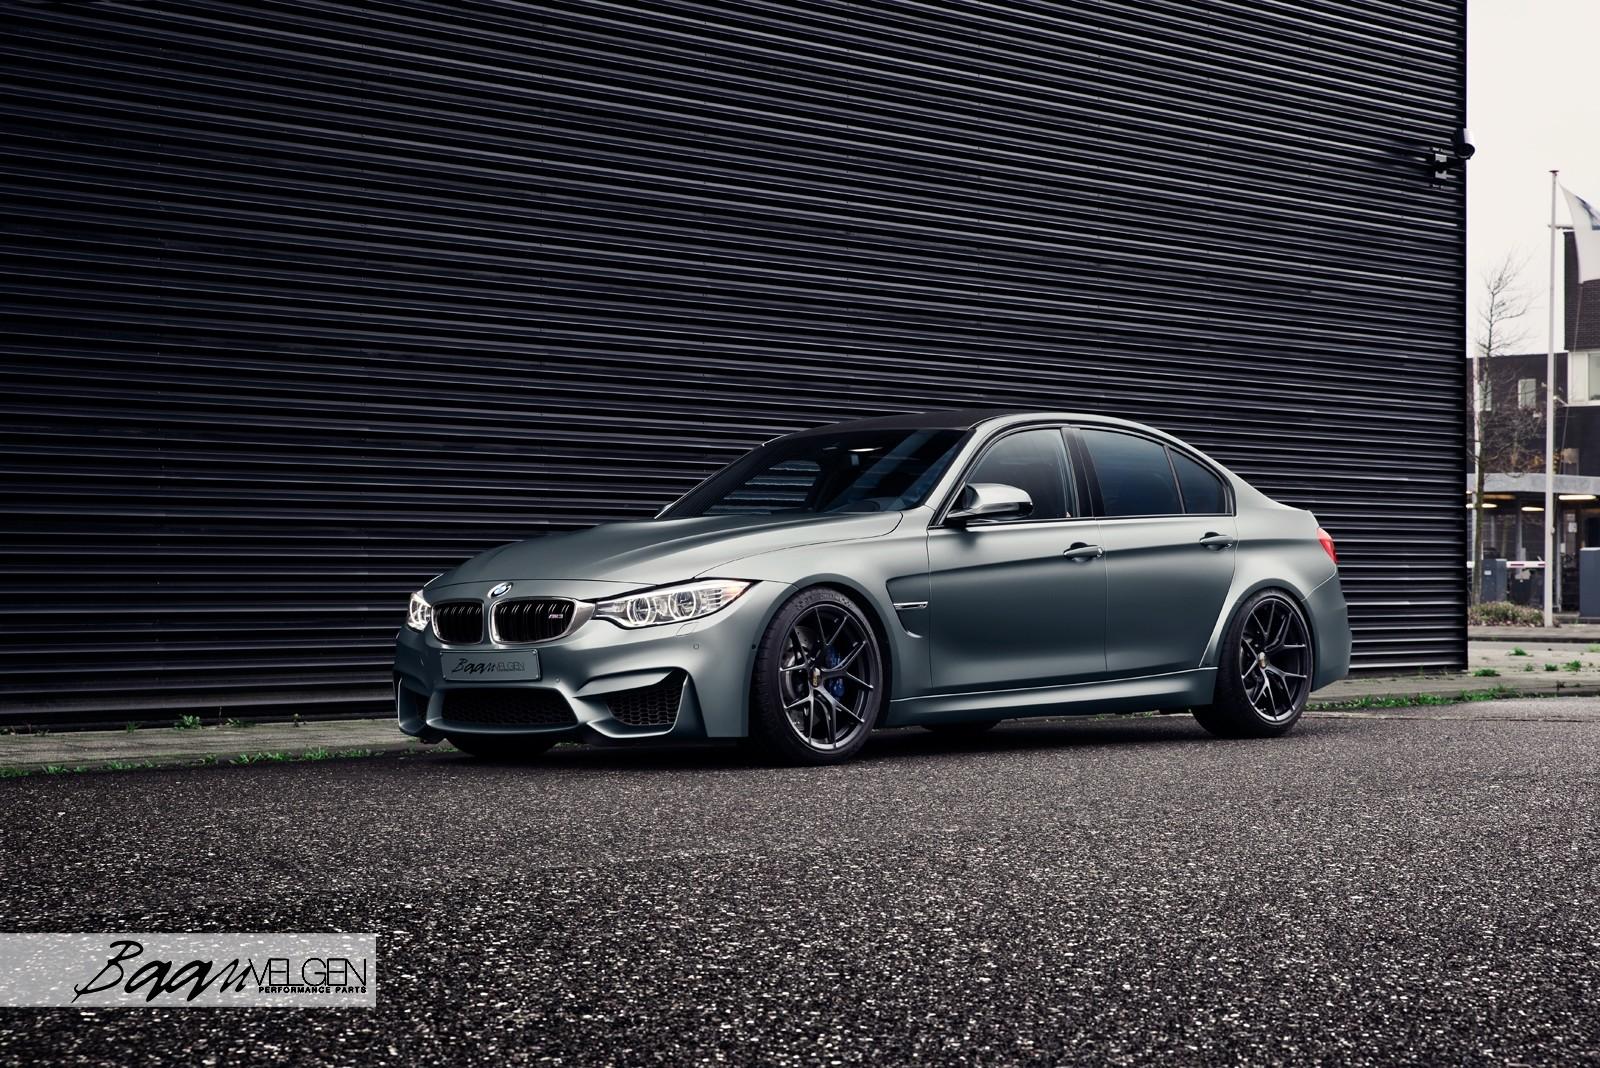 F80 BMW M3 by Baan Velgen (2)